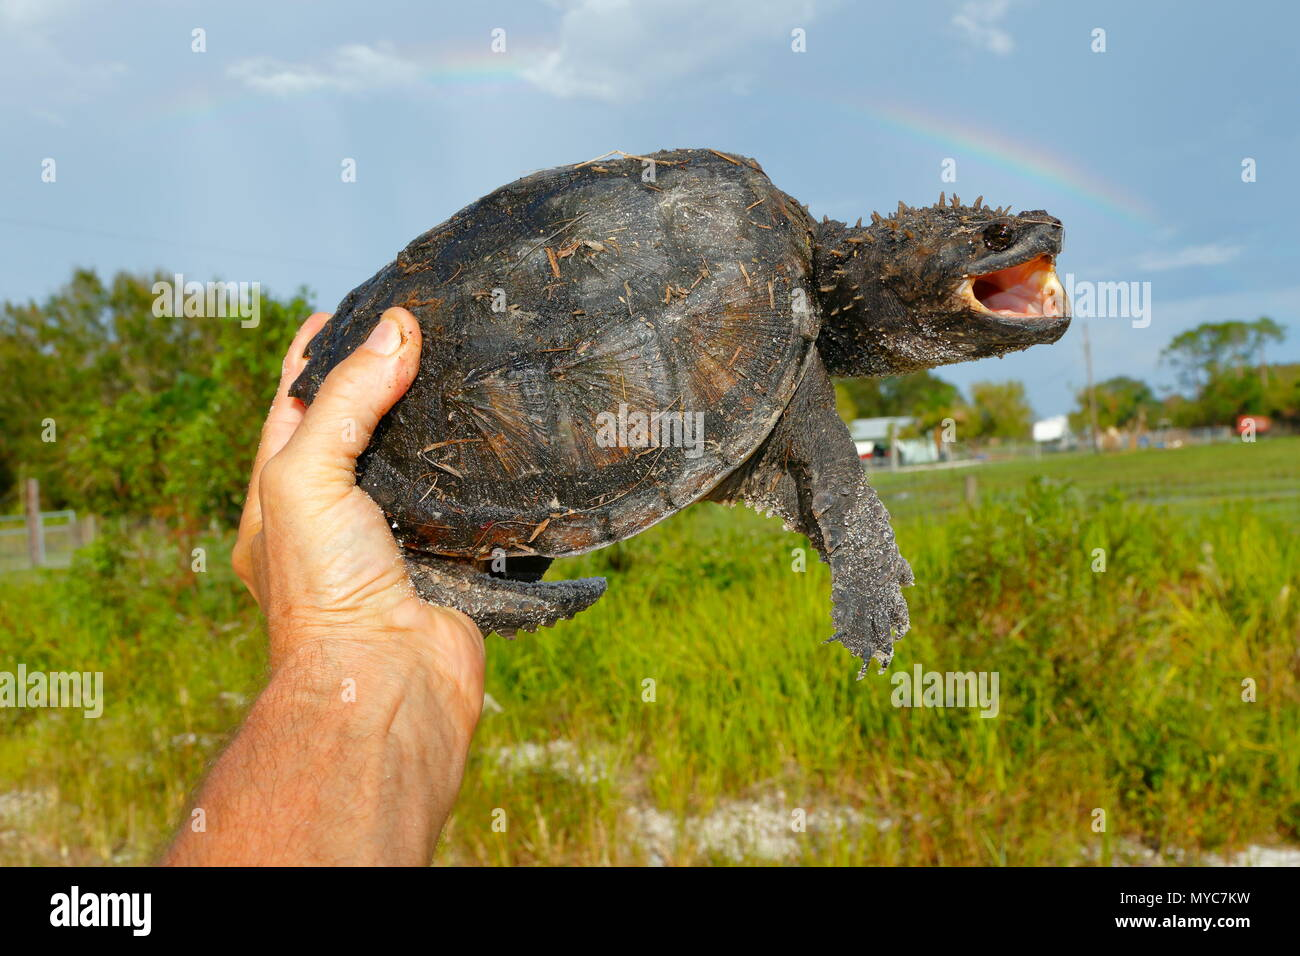 Un ajuste de la Florida, tortugas Chelydra s. Osceola, mantenidos por la mano dónde se encuentra en una carretera. Imagen De Stock